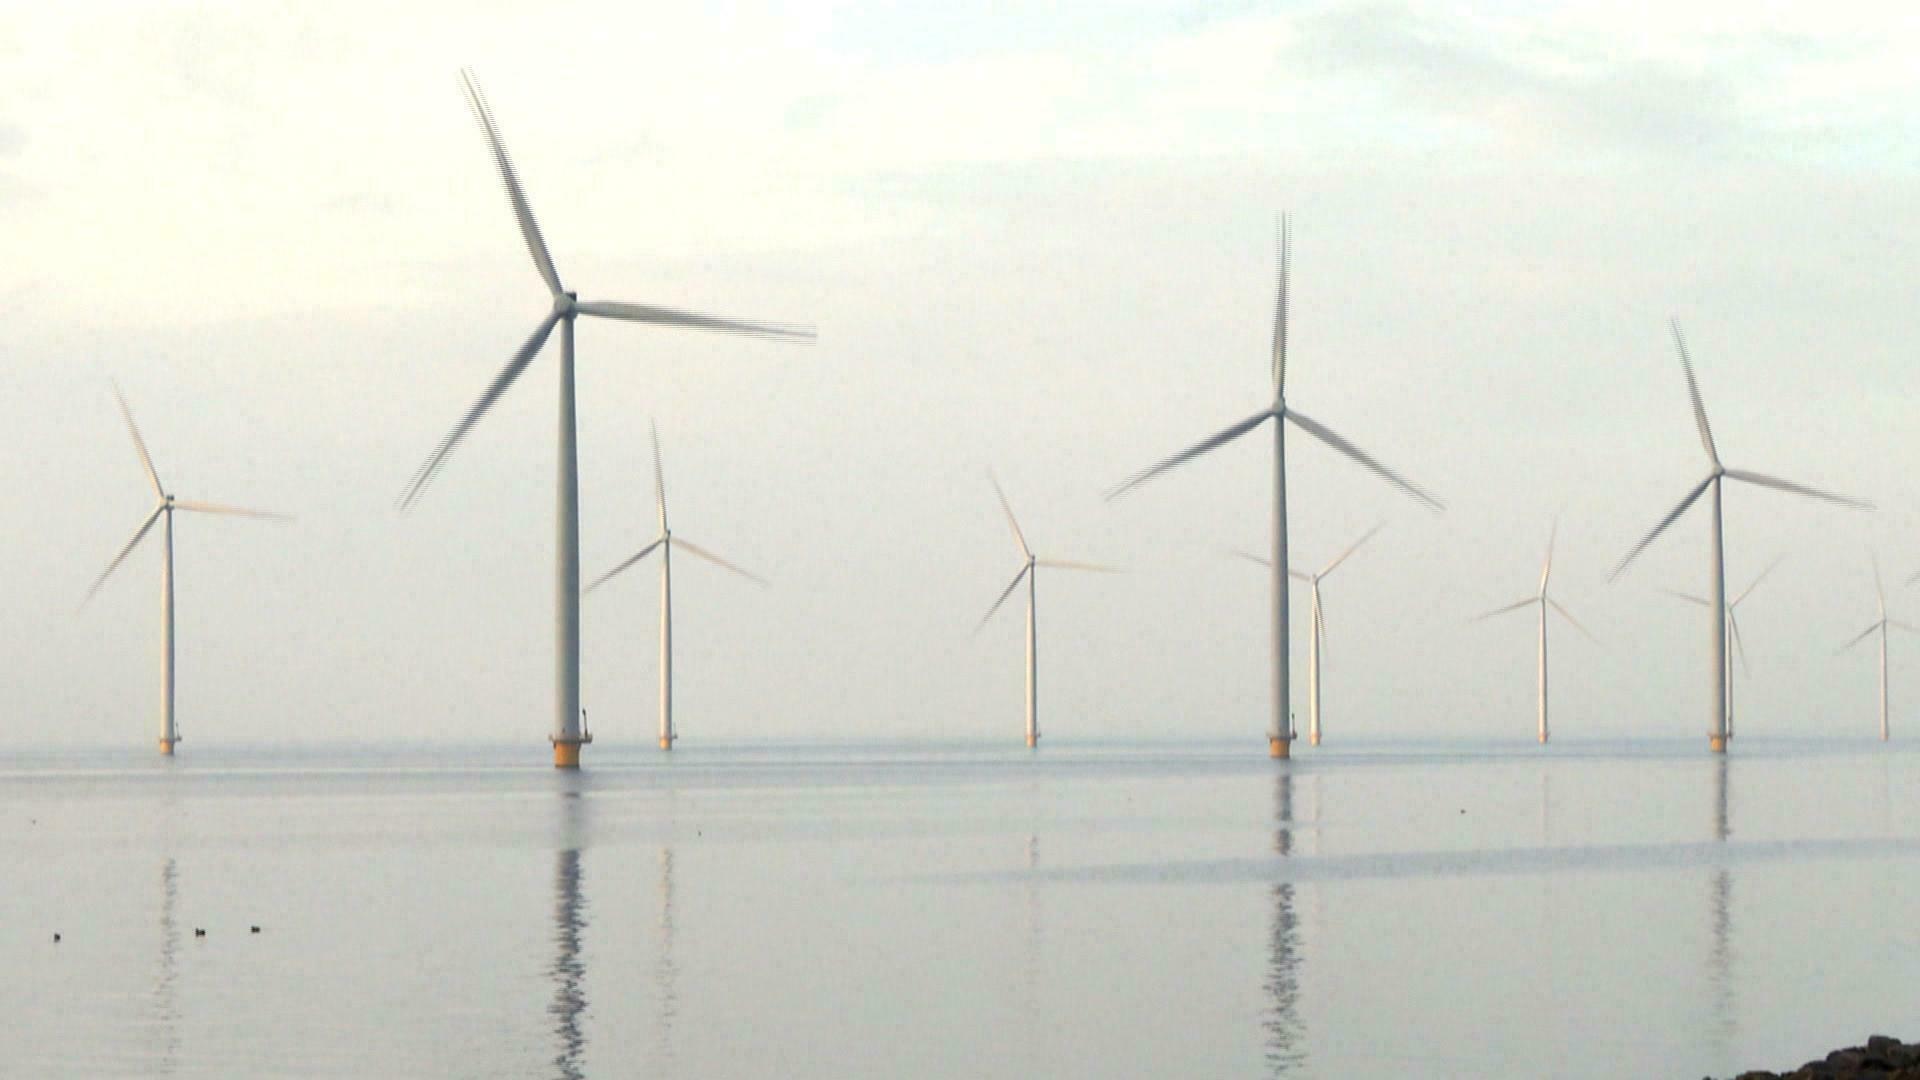 Éolien offshore : la France tourne en rond